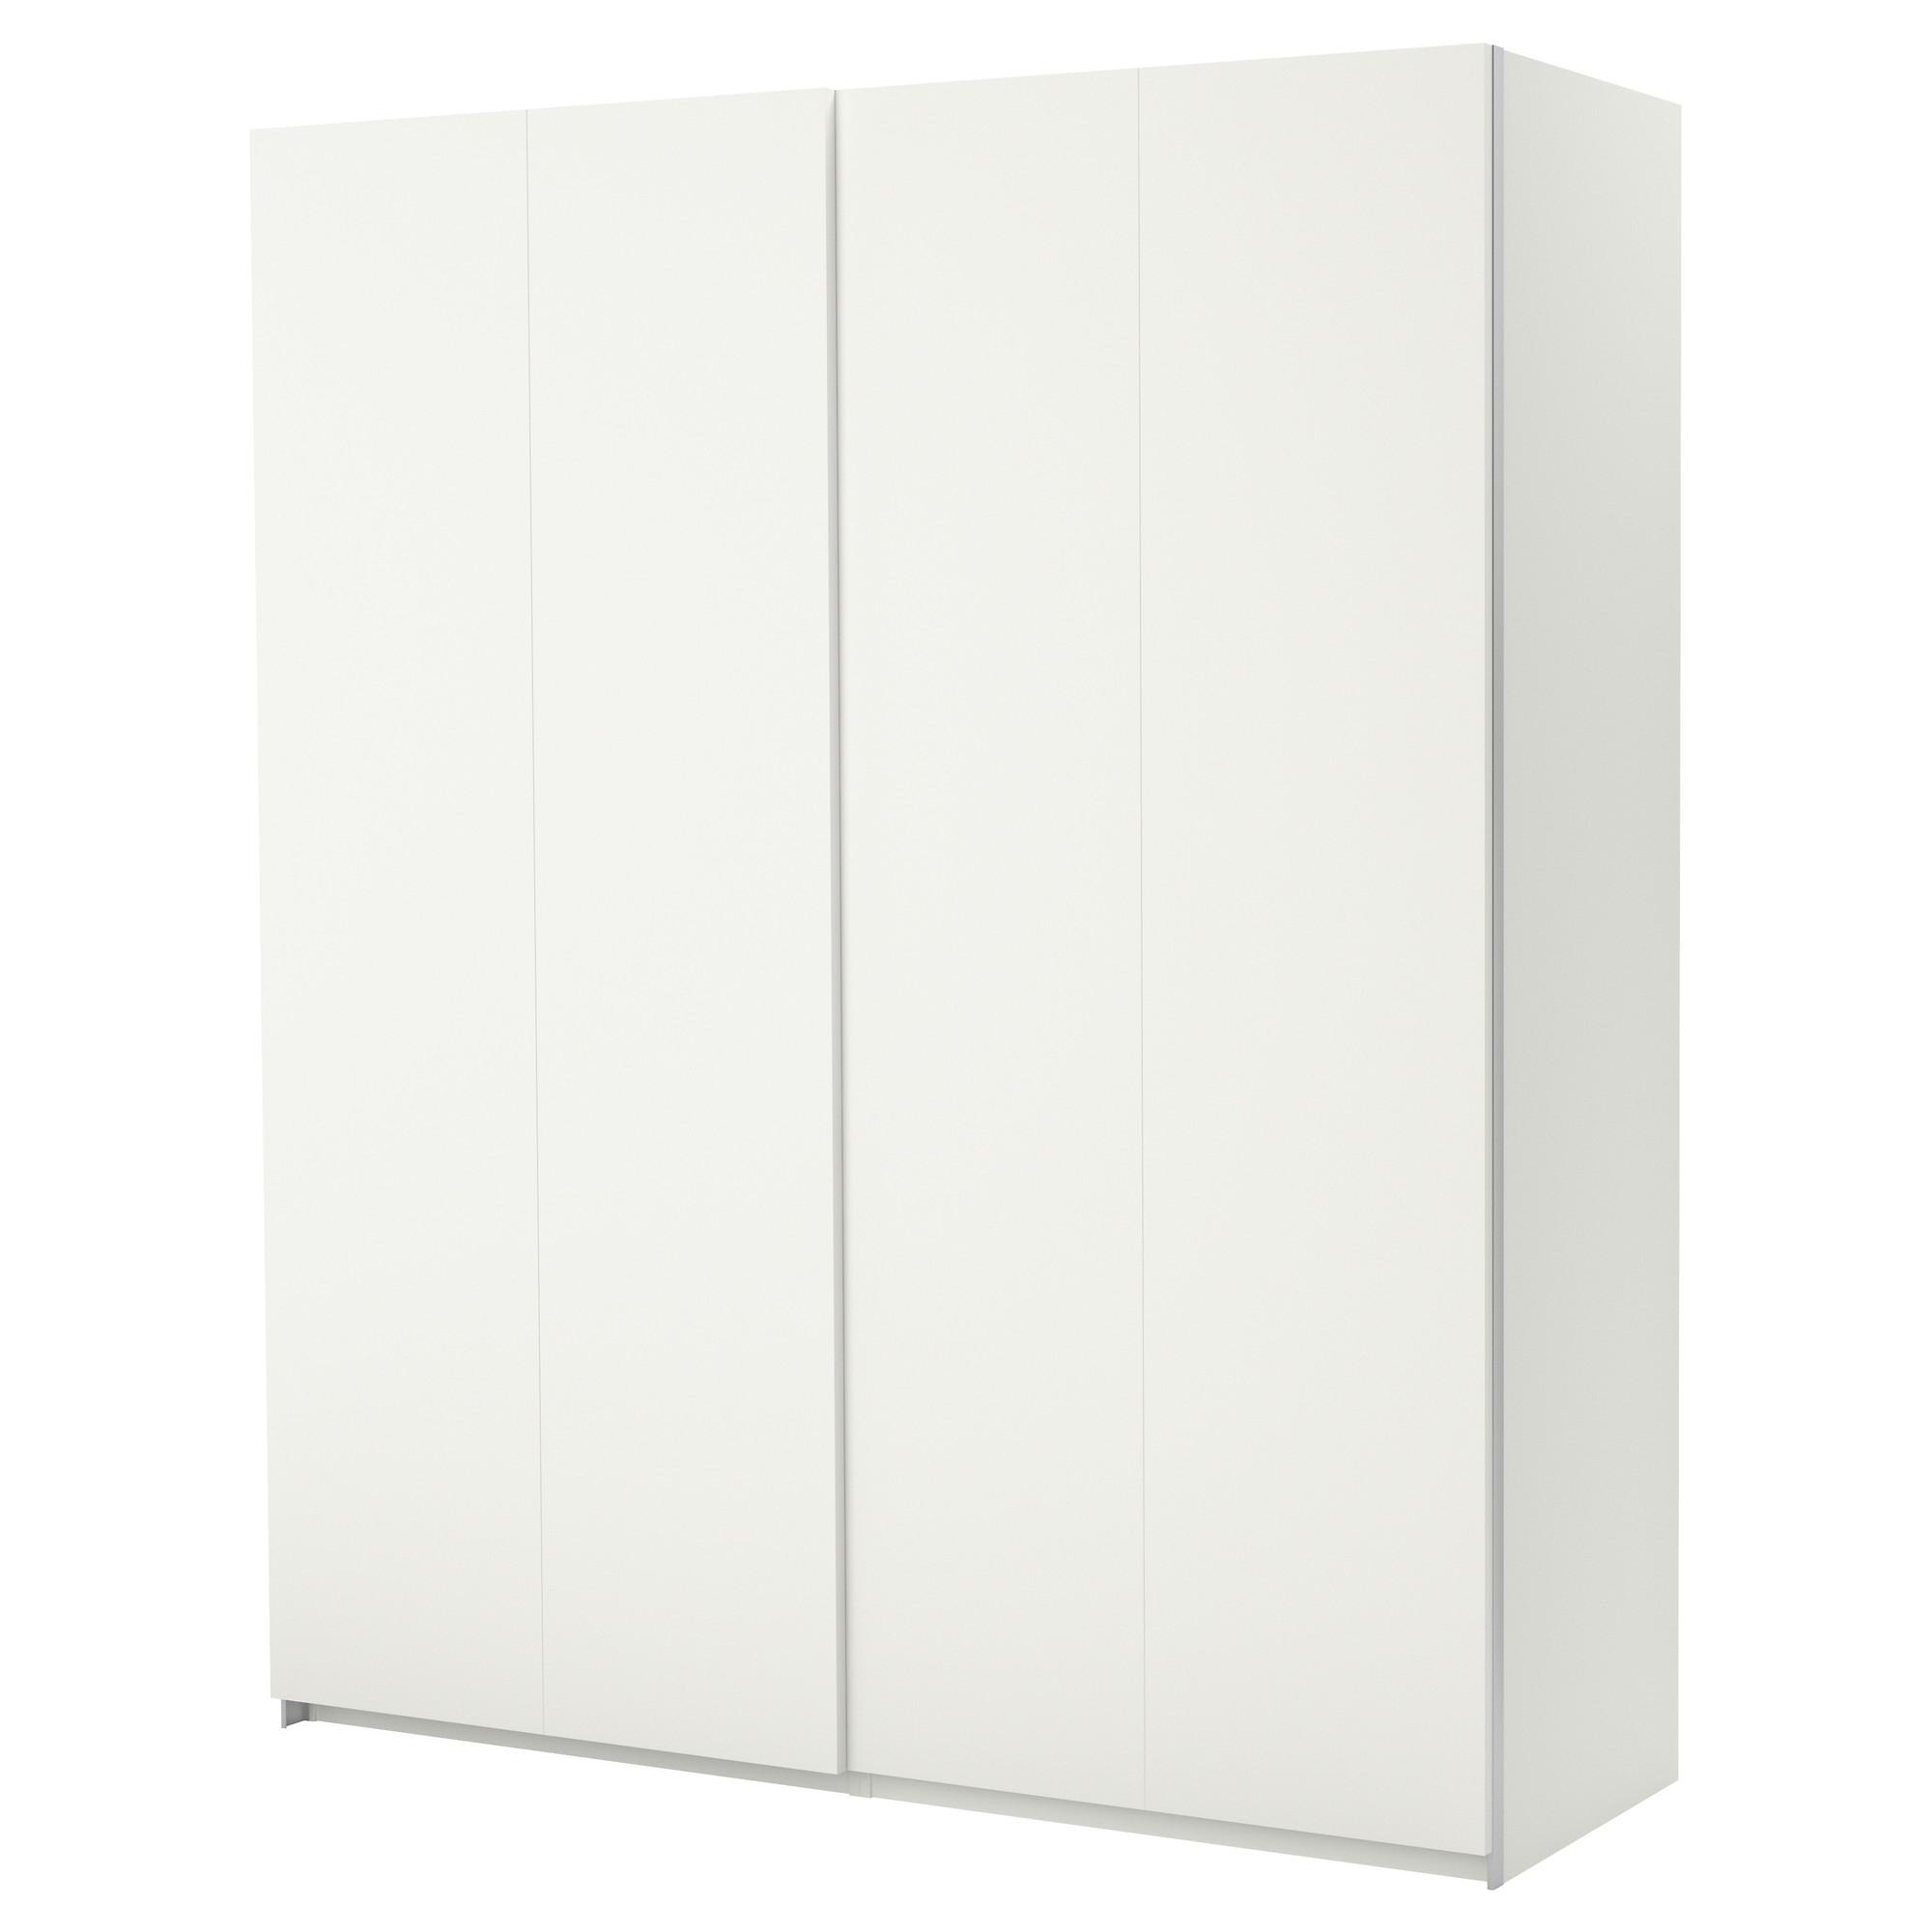 Pax armario con puertas correderas - Ikea muebles auxiliares dormitorio ...